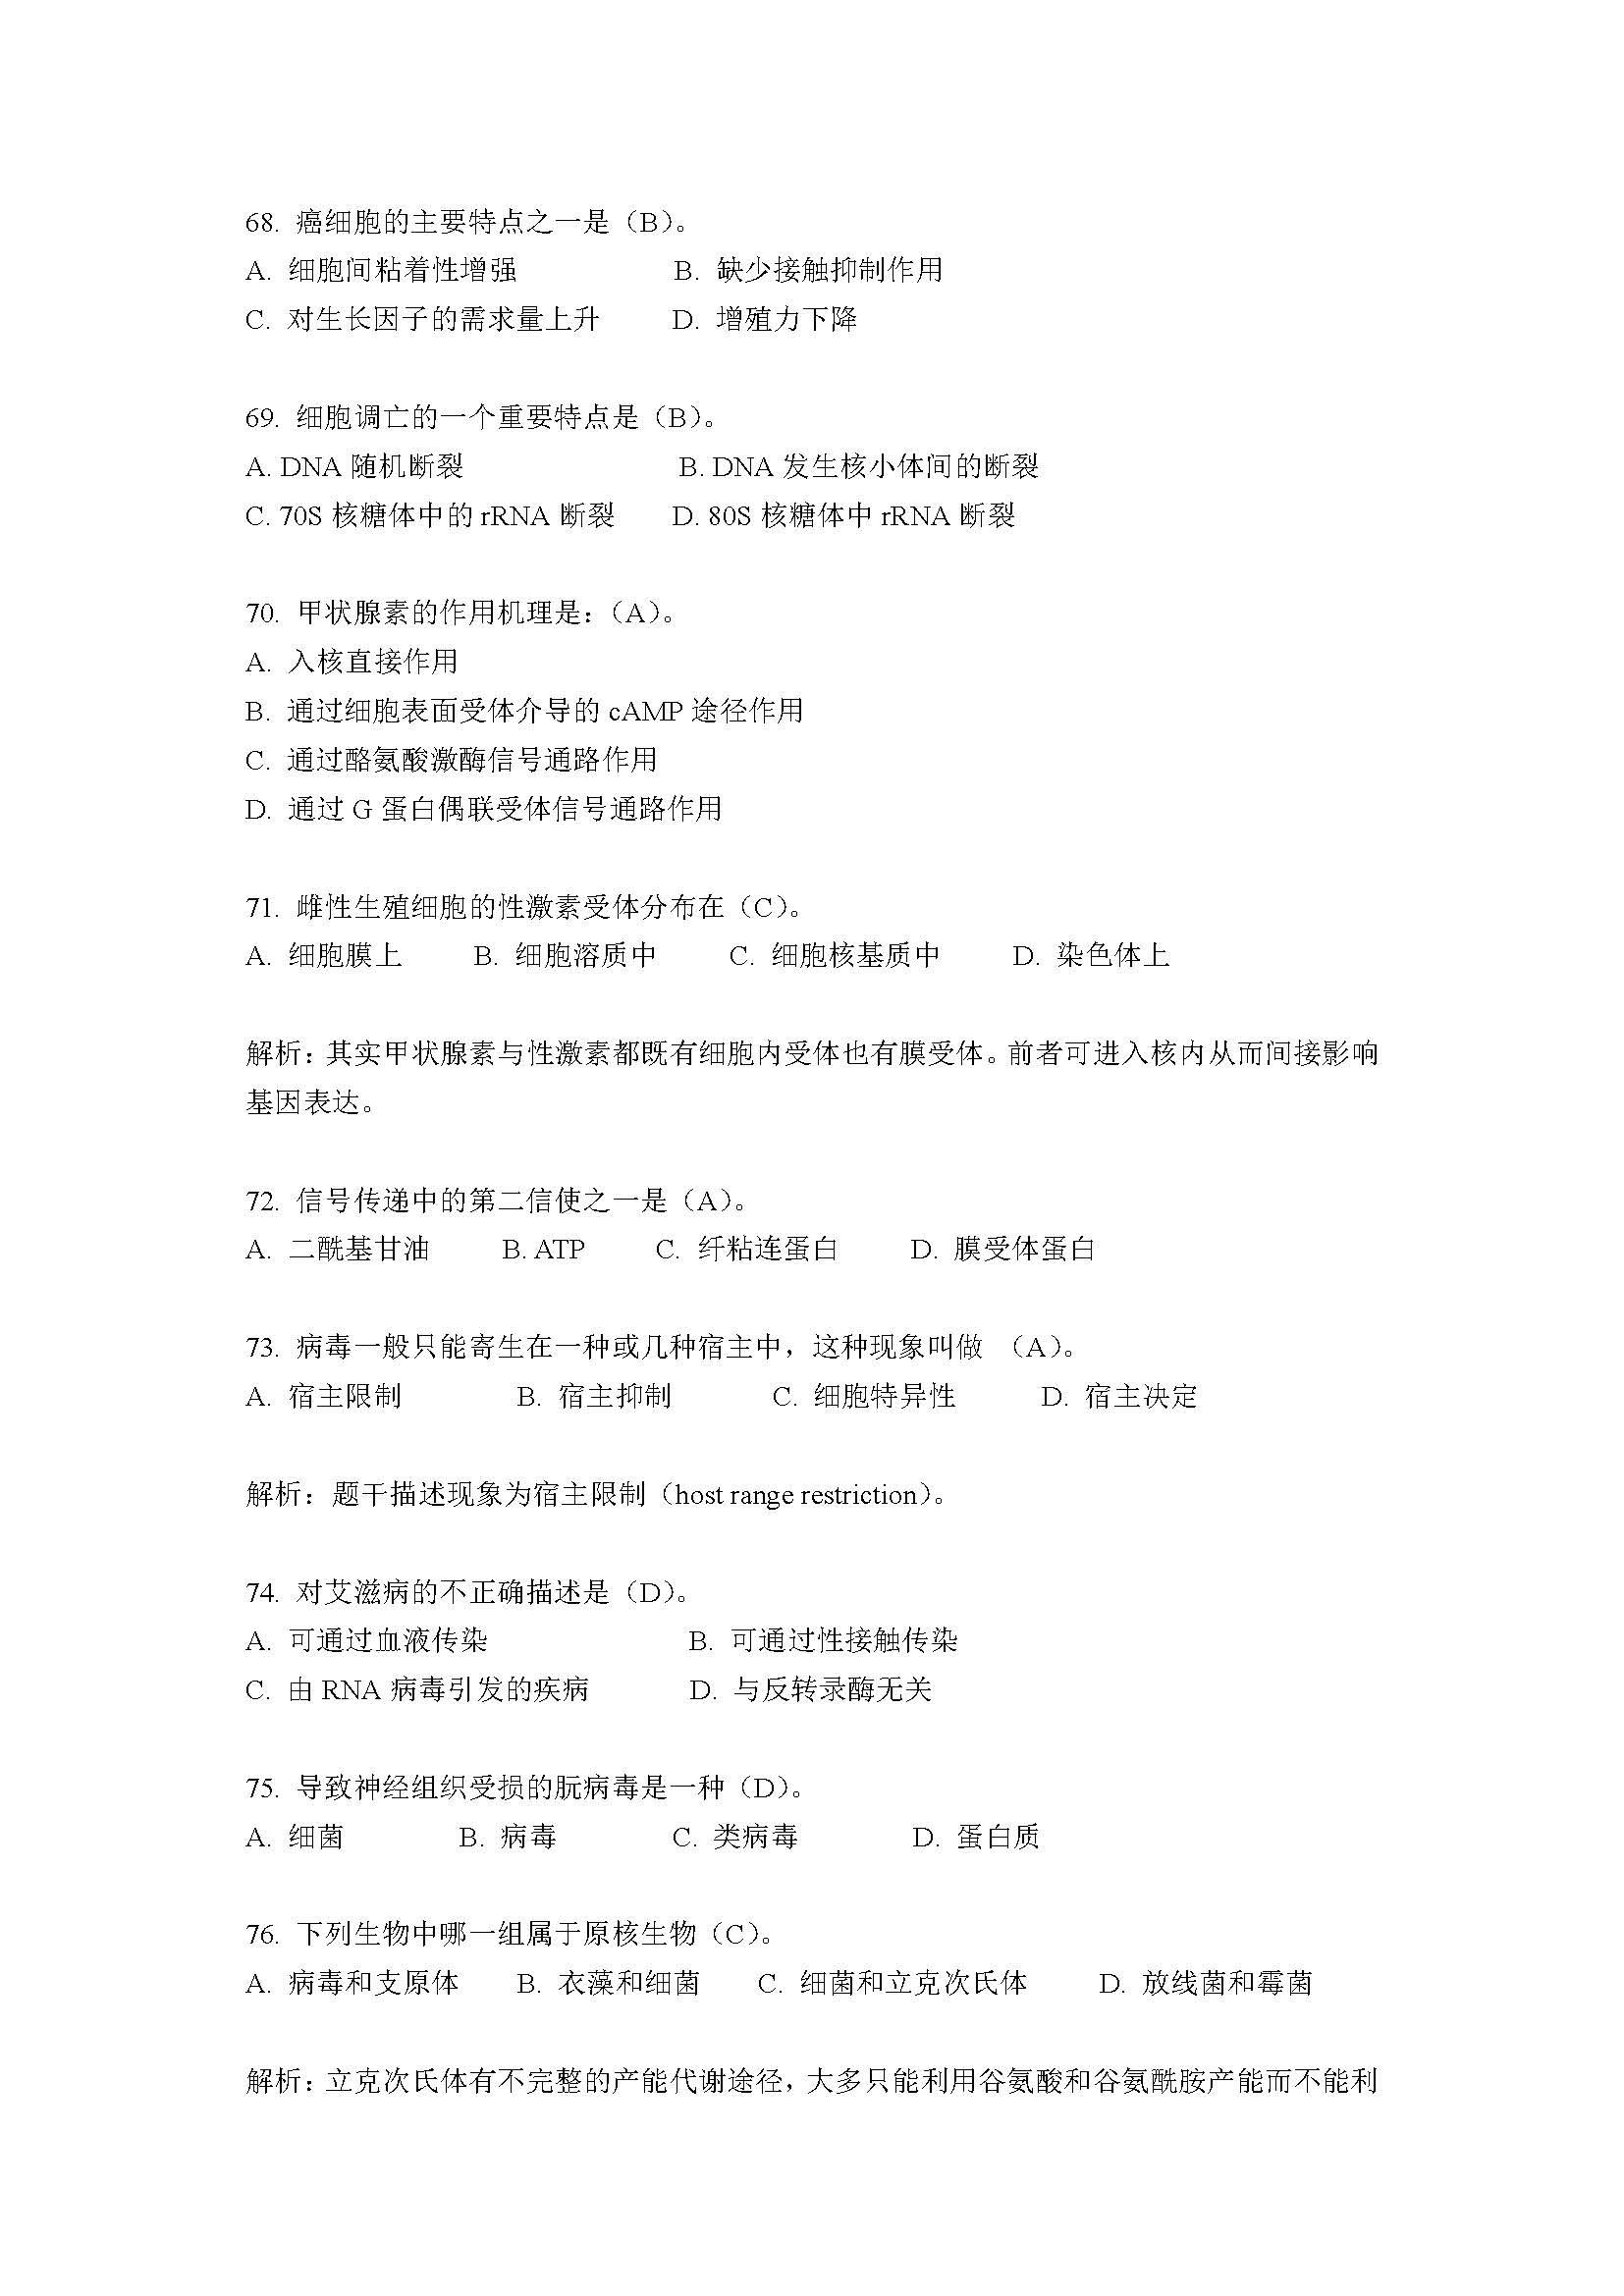 05 2015清华金秋营笔试模拟题答案简析_页面_25